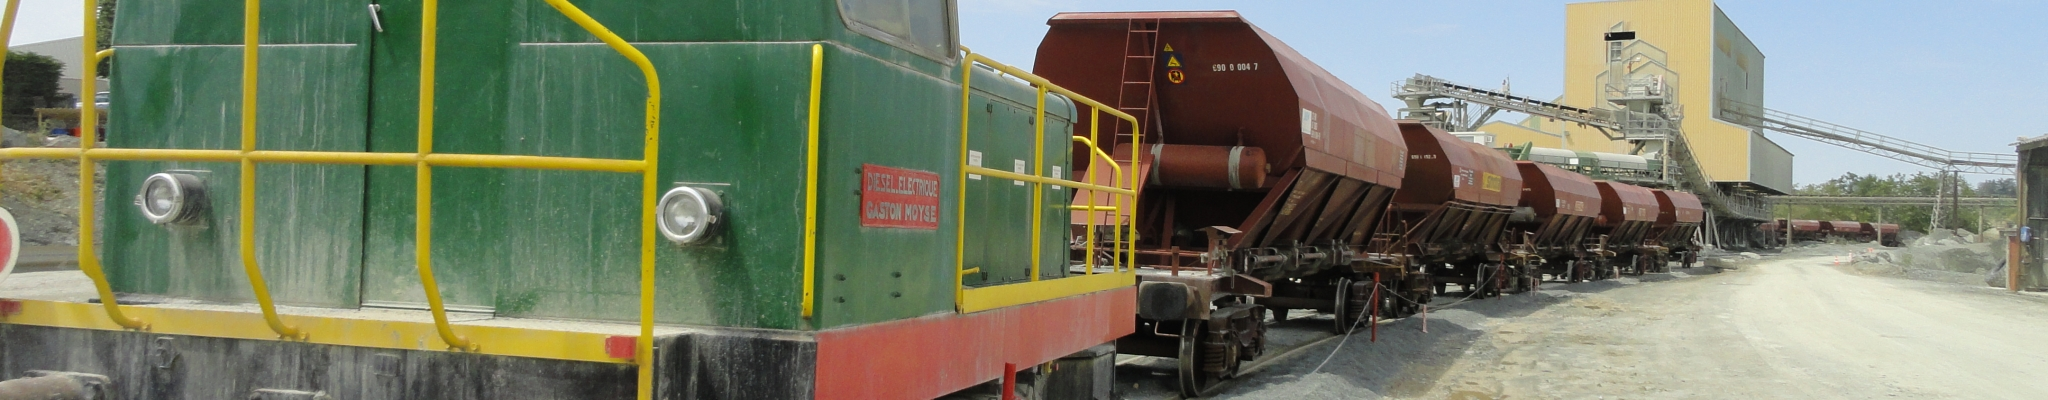 Expédition des matériaux par train